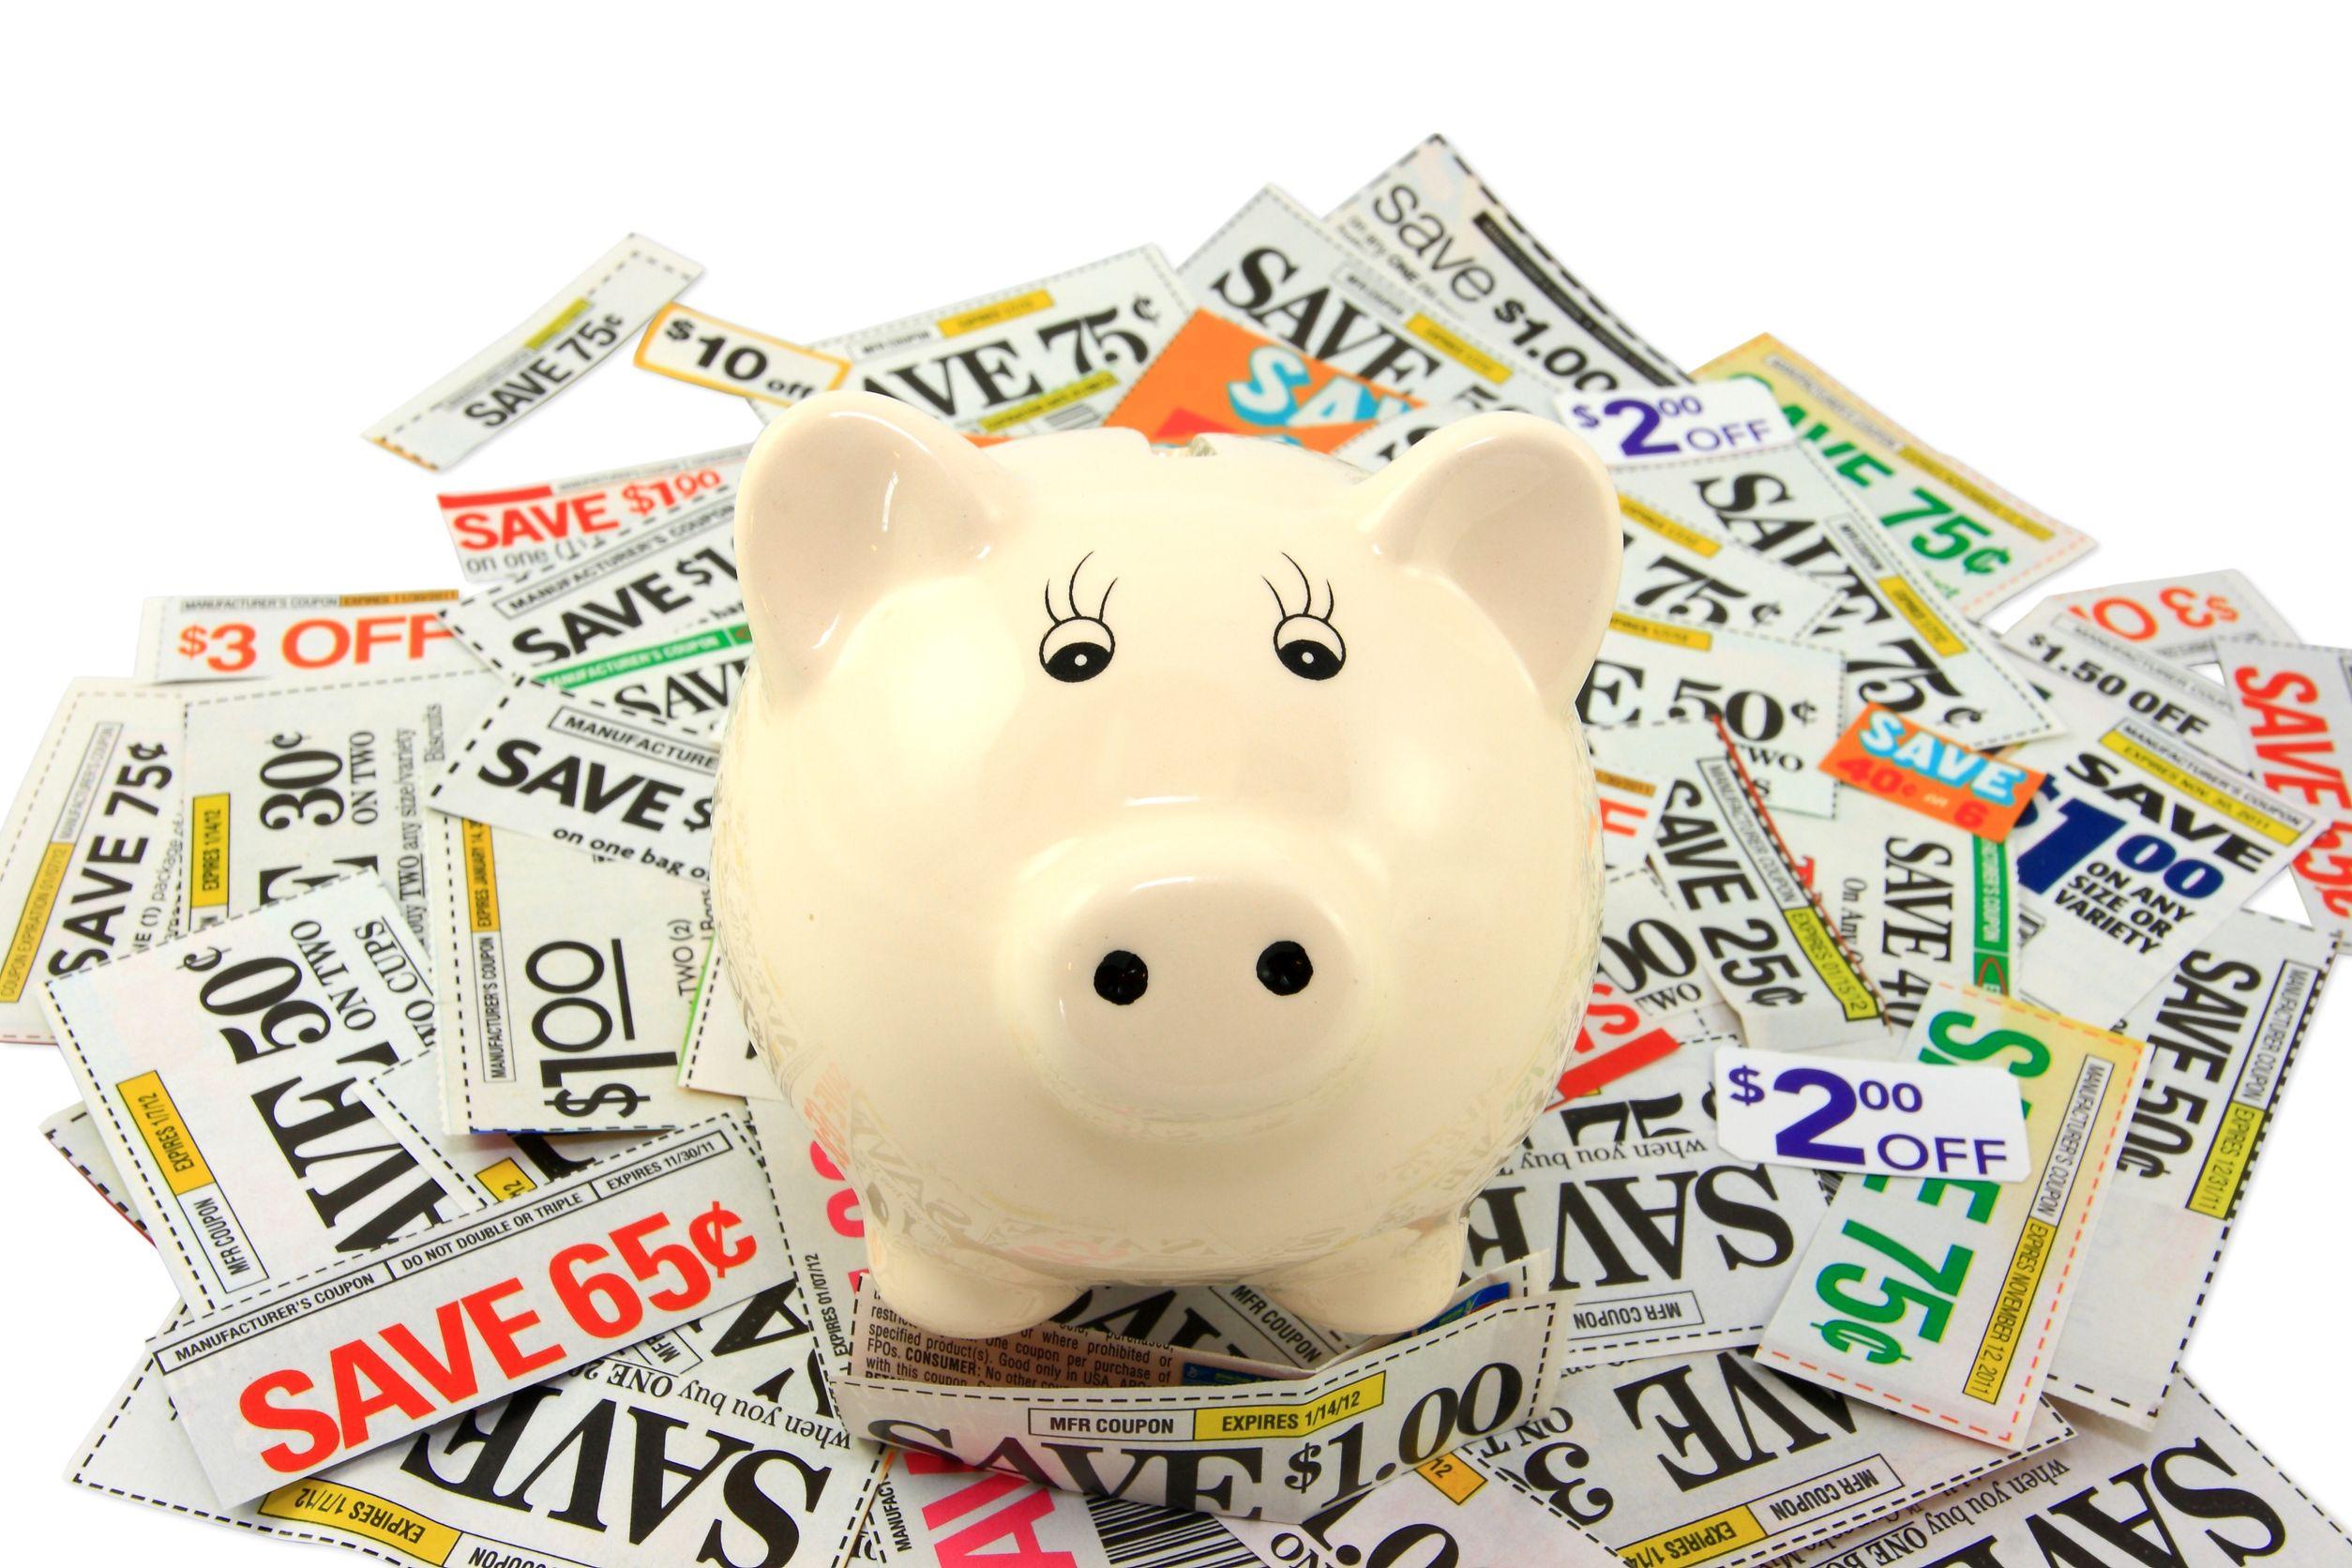 Saving Bucks Through Great Clips Coupons